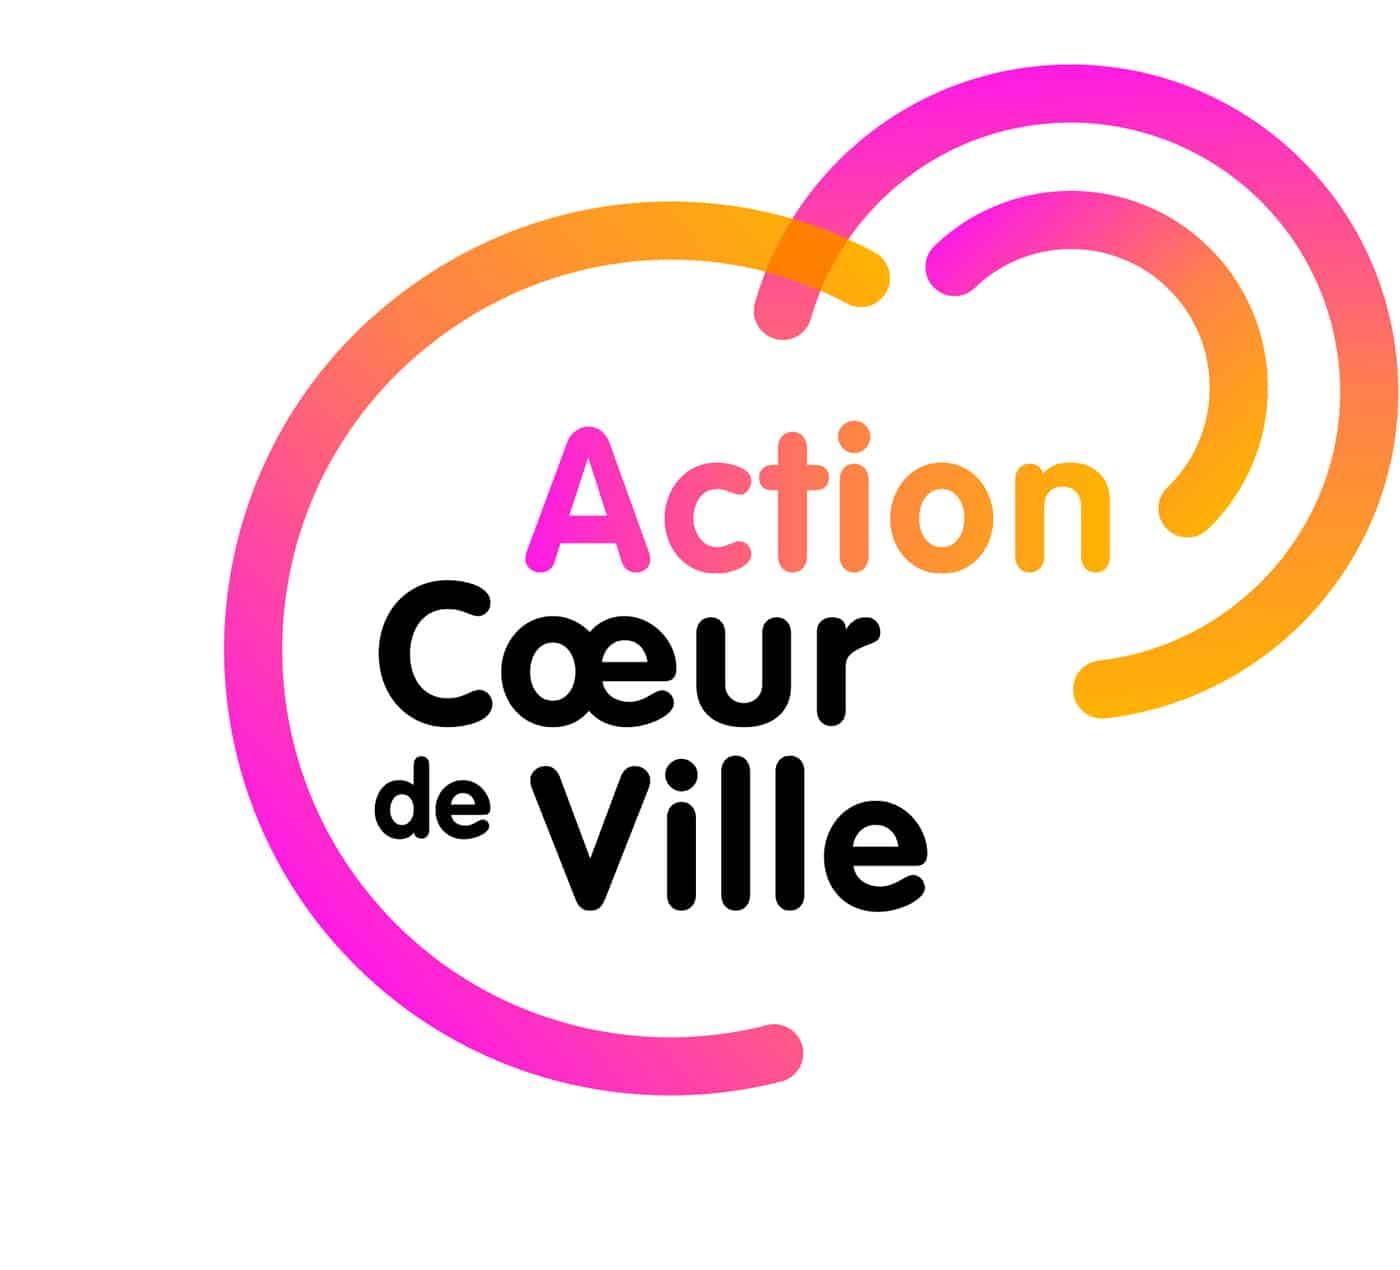 Logo Action Coeur de ville